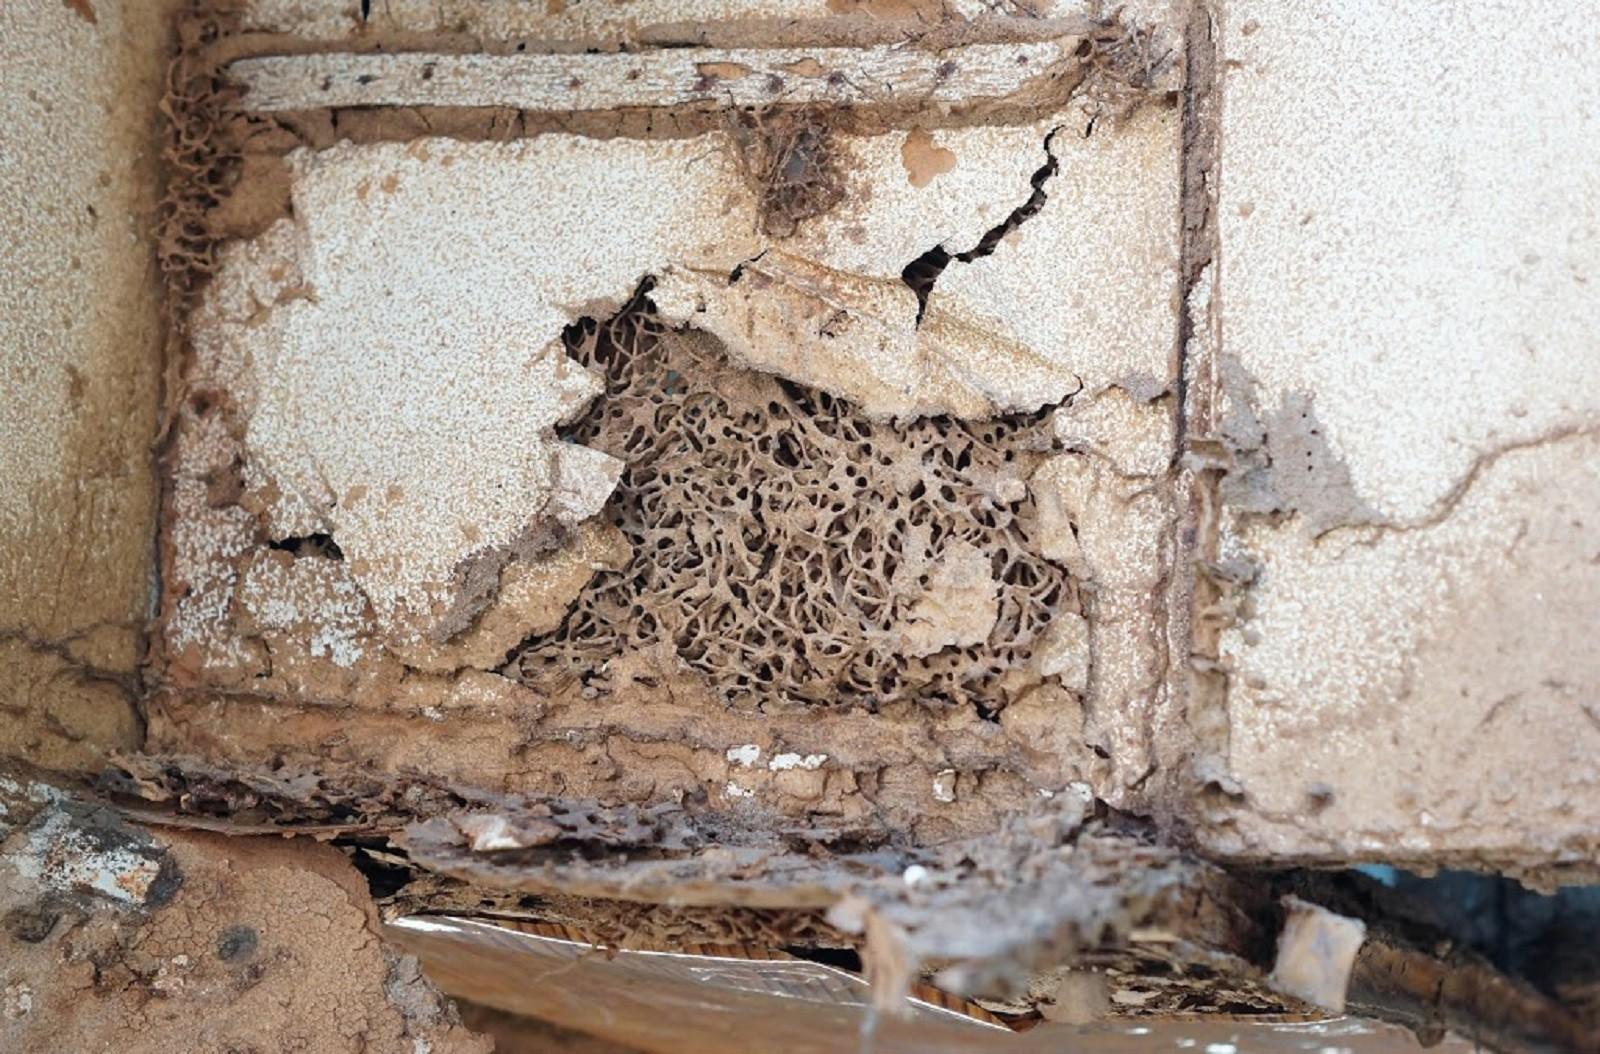 Service Termite Control